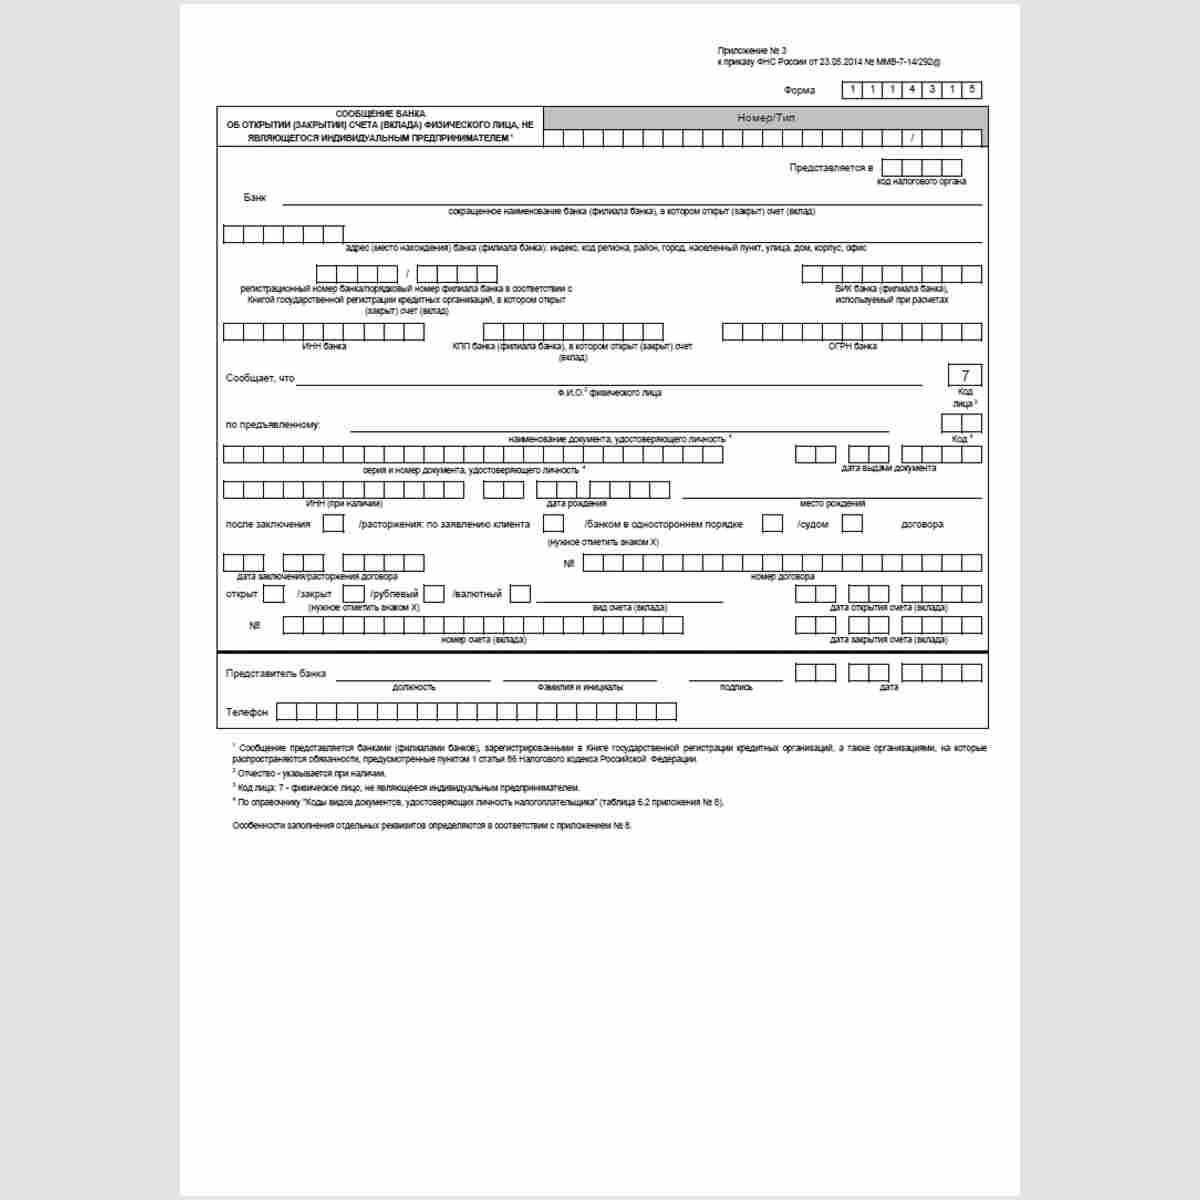 """Форма КНД 1114315 """"Сообщение банка об открытии (закрытии) счета (вклада) физического лица, не являющегося индивидуальным предпринимателем"""""""